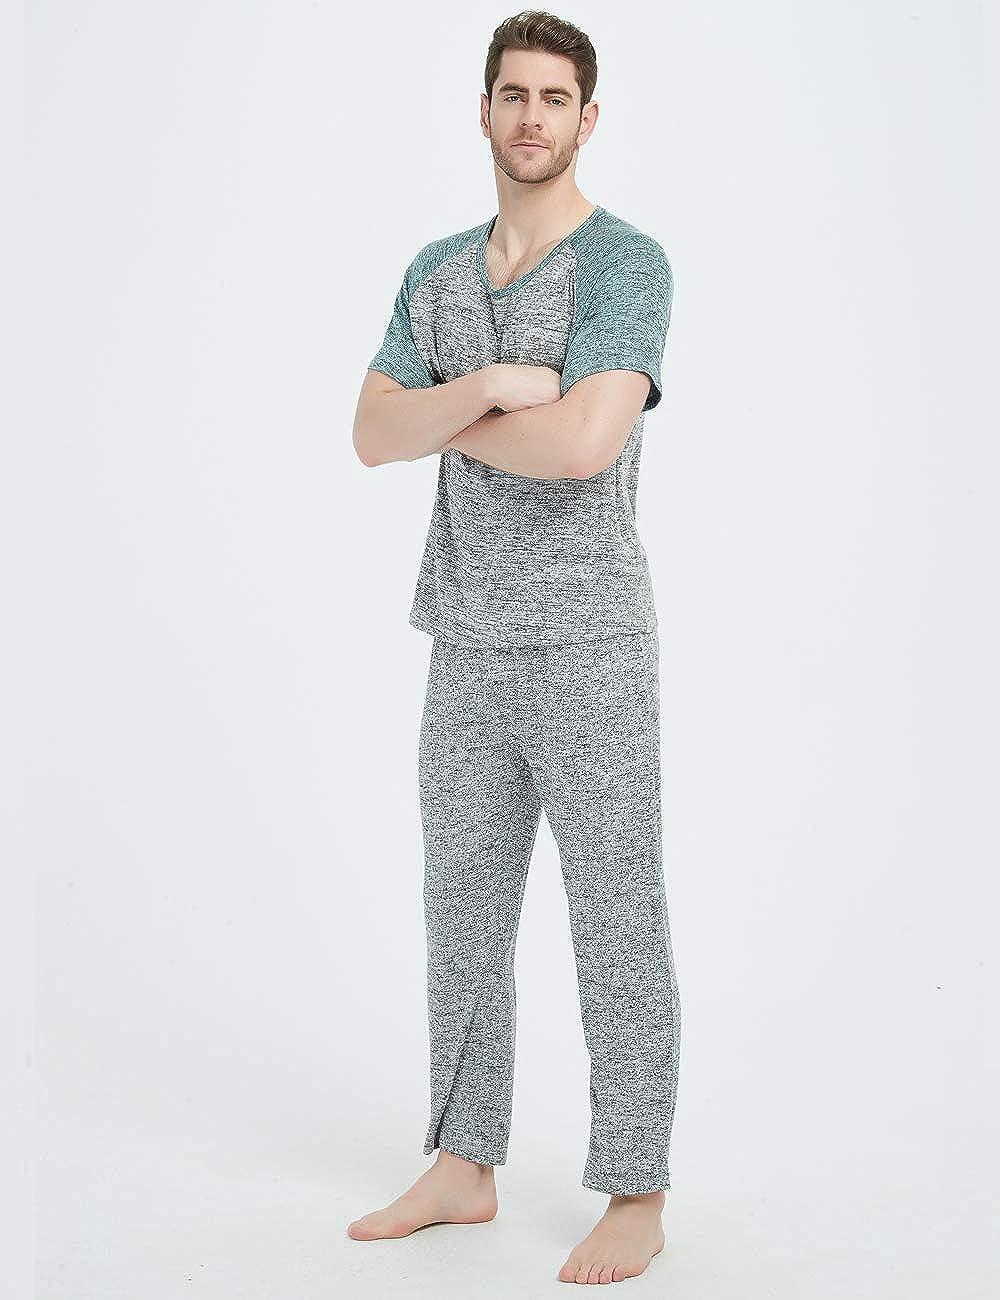 Pijamas para Hombres Conjunto De Algod/ón De Pijamas Unisex Camiseta con Parte Superior e Inferior Mangas Cortas Y Pantalones